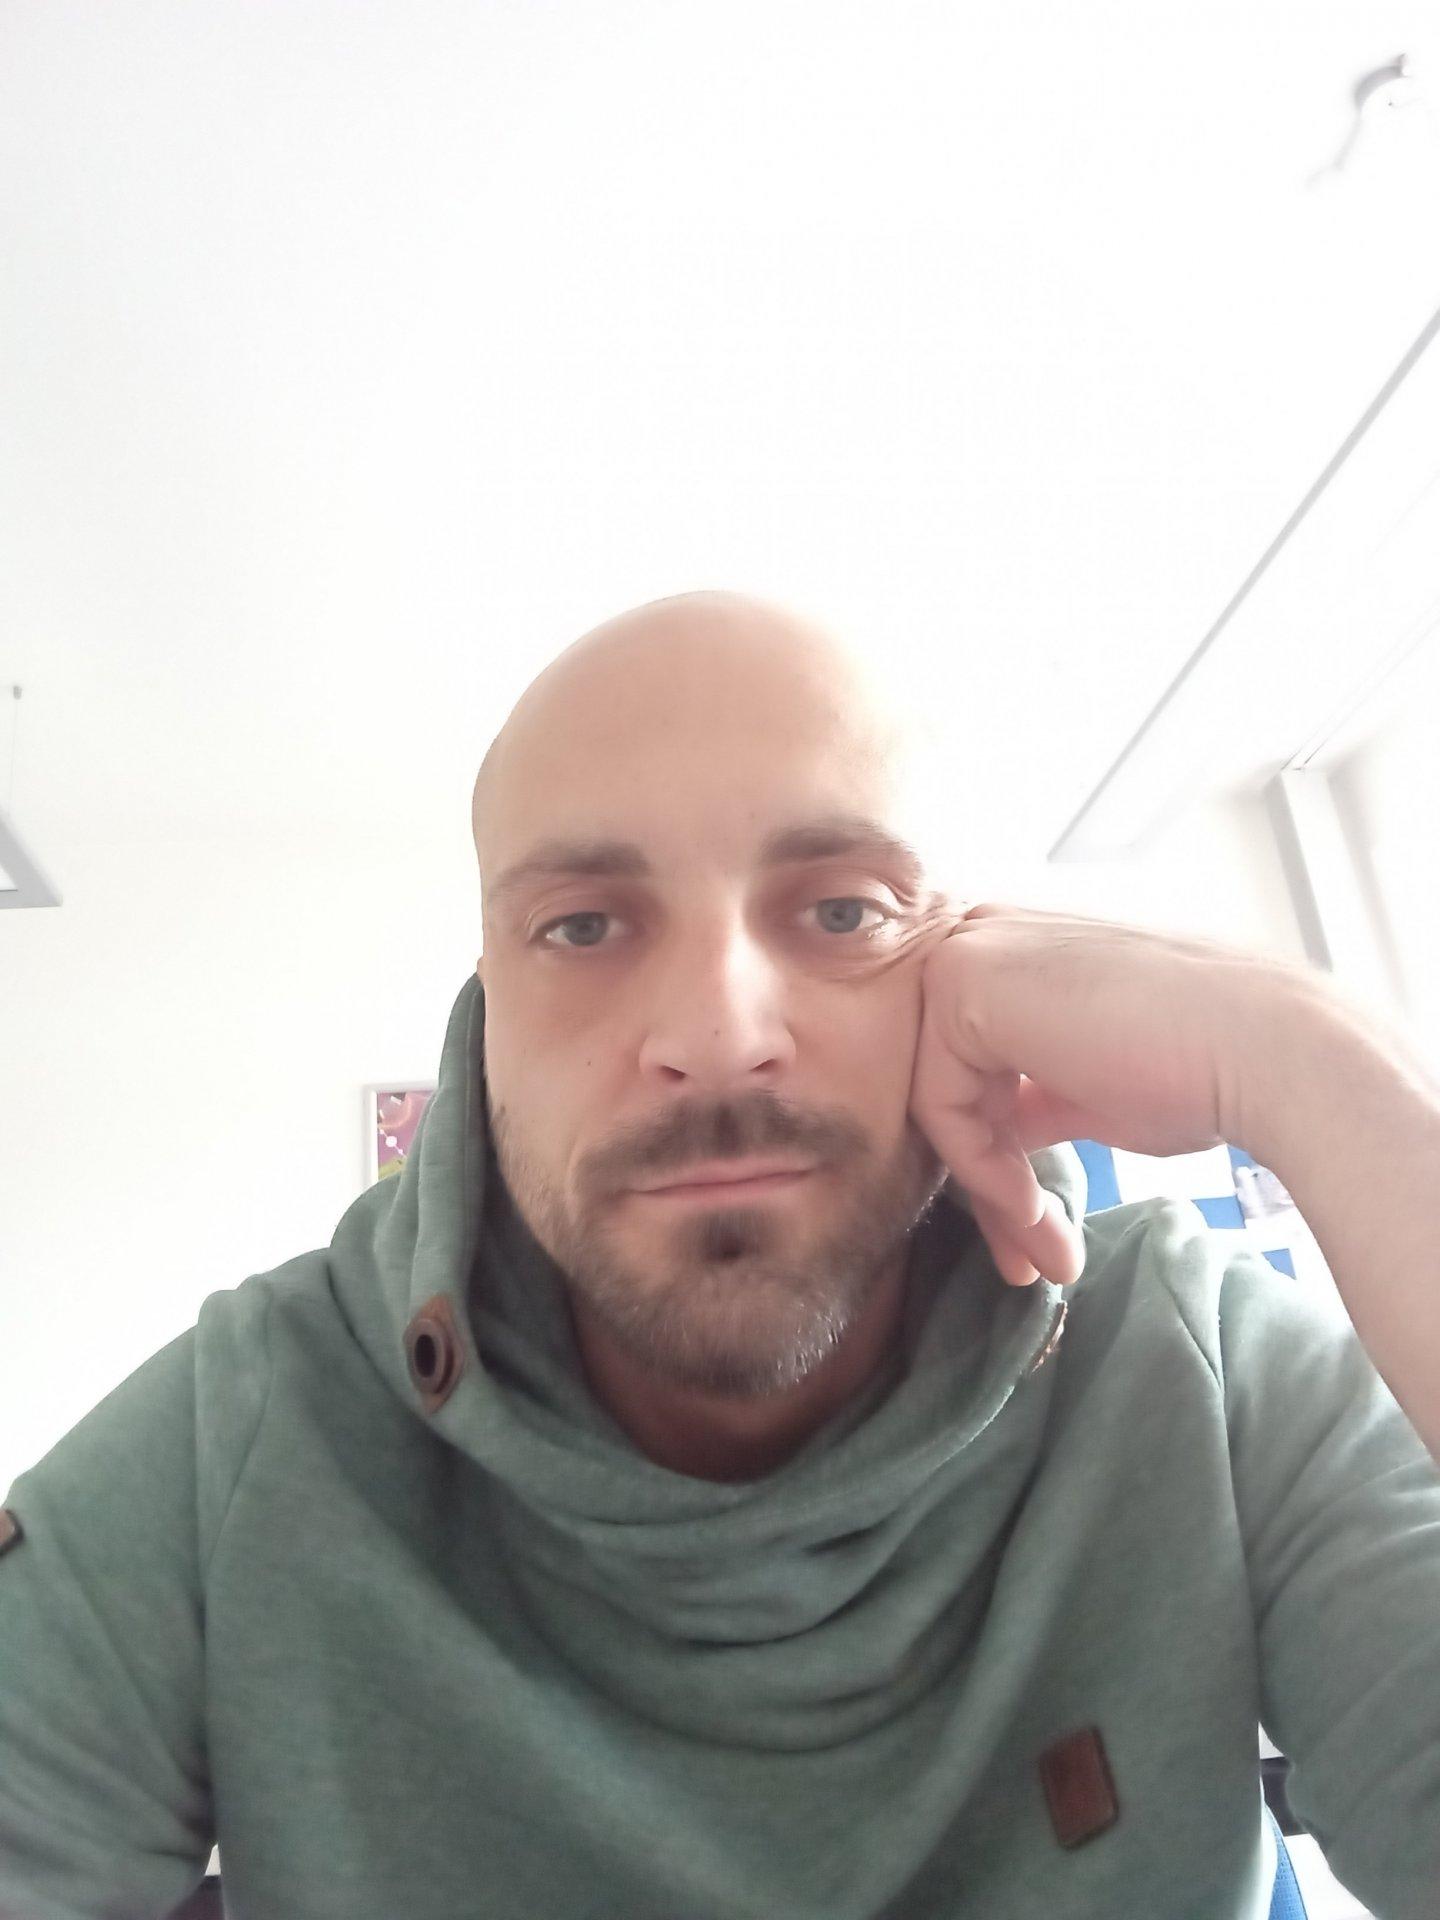 Marcus Wilke aus Mecklenburg-Vorpommern,Deutschland